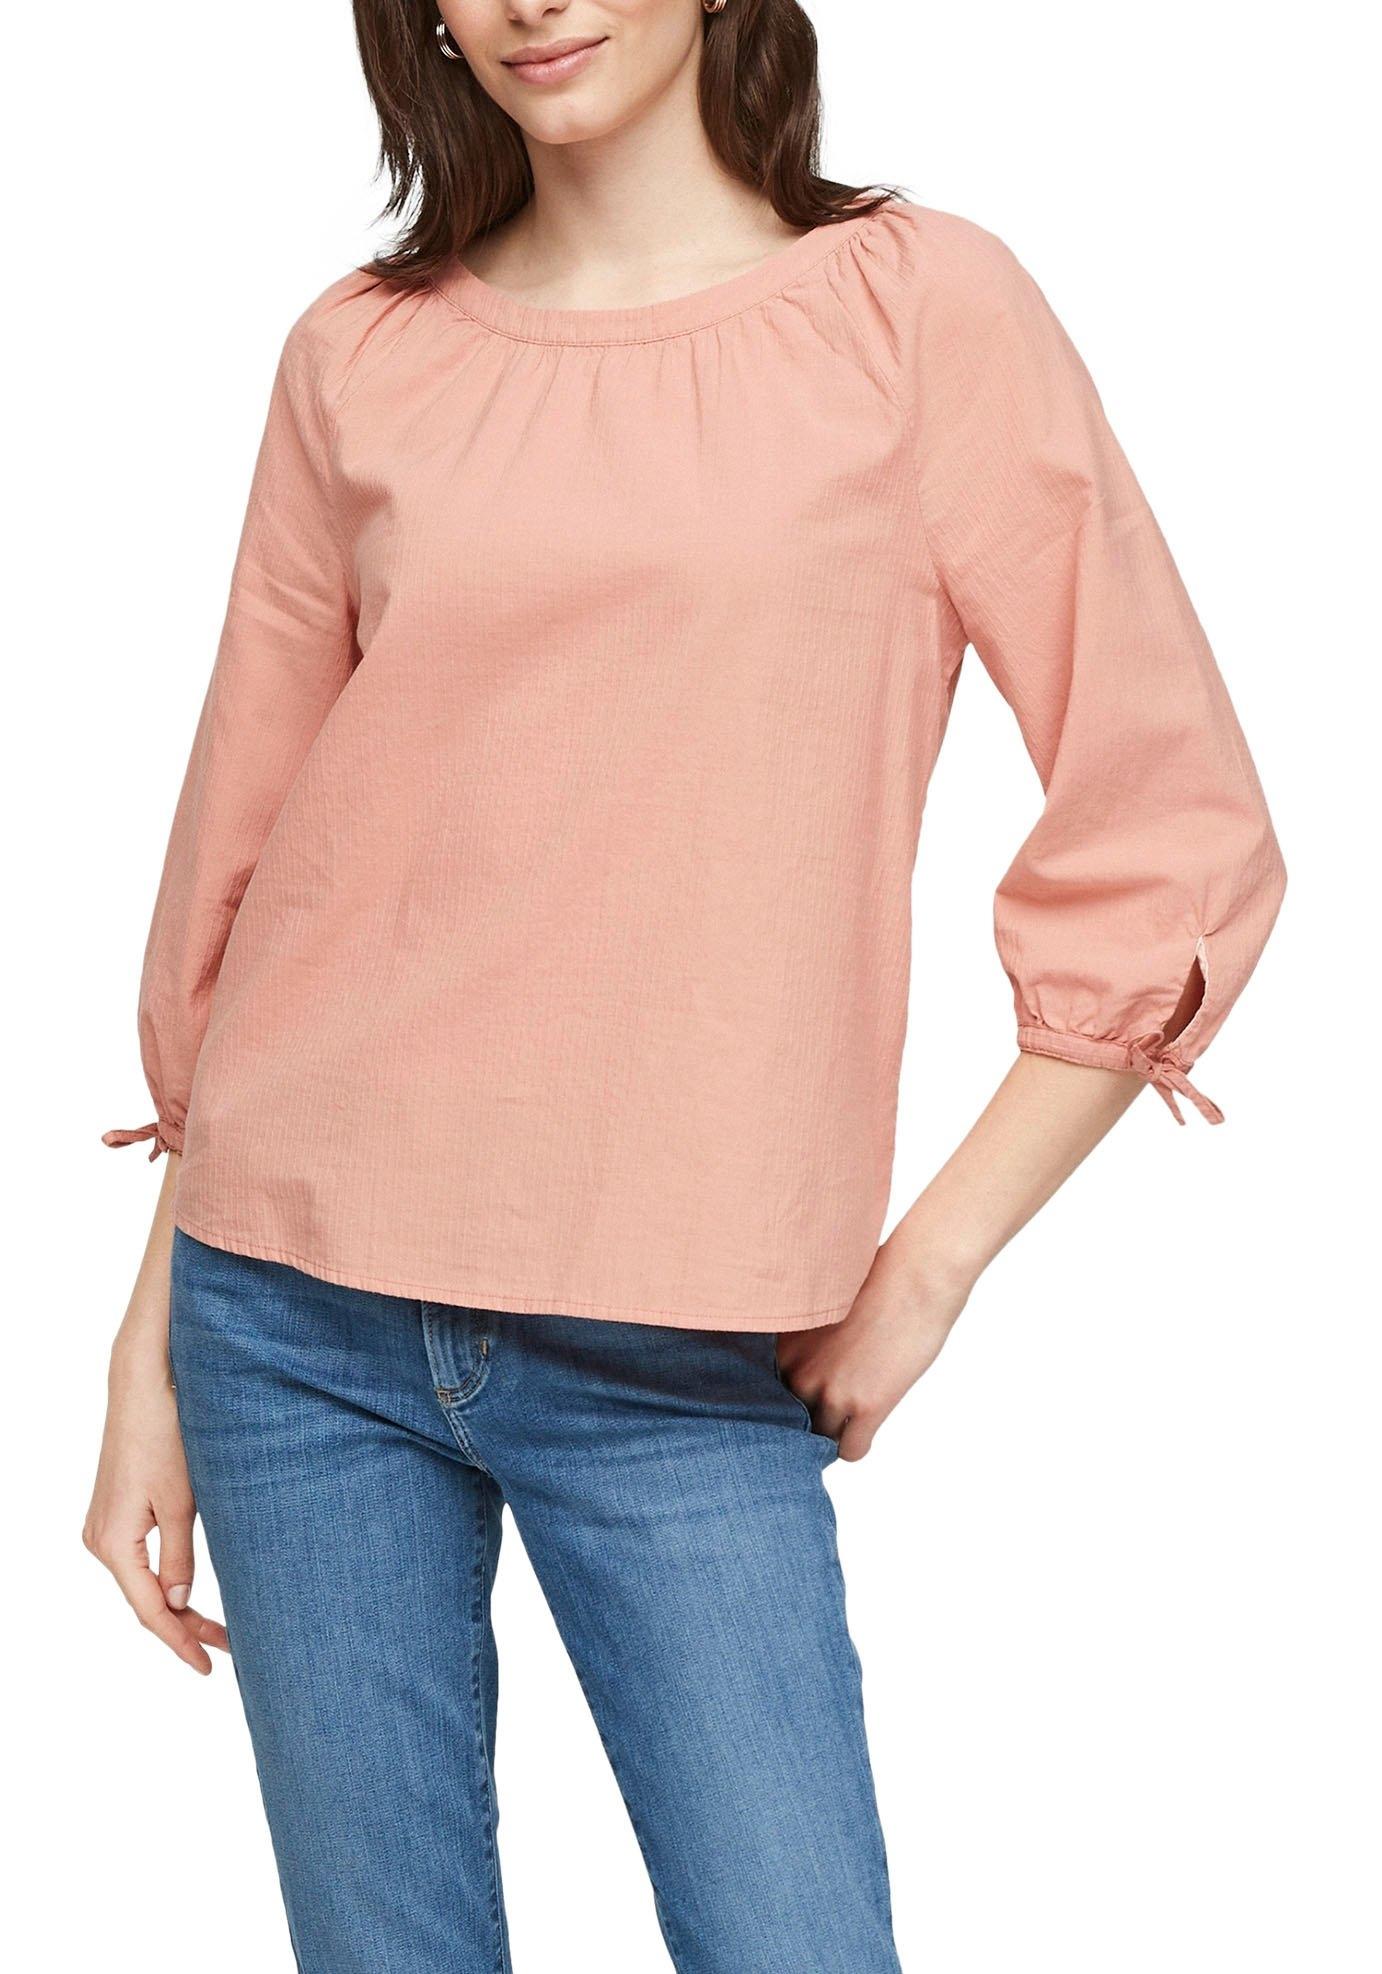 s.Oliver blouse zonder sluiting - gratis ruilen op otto.nl